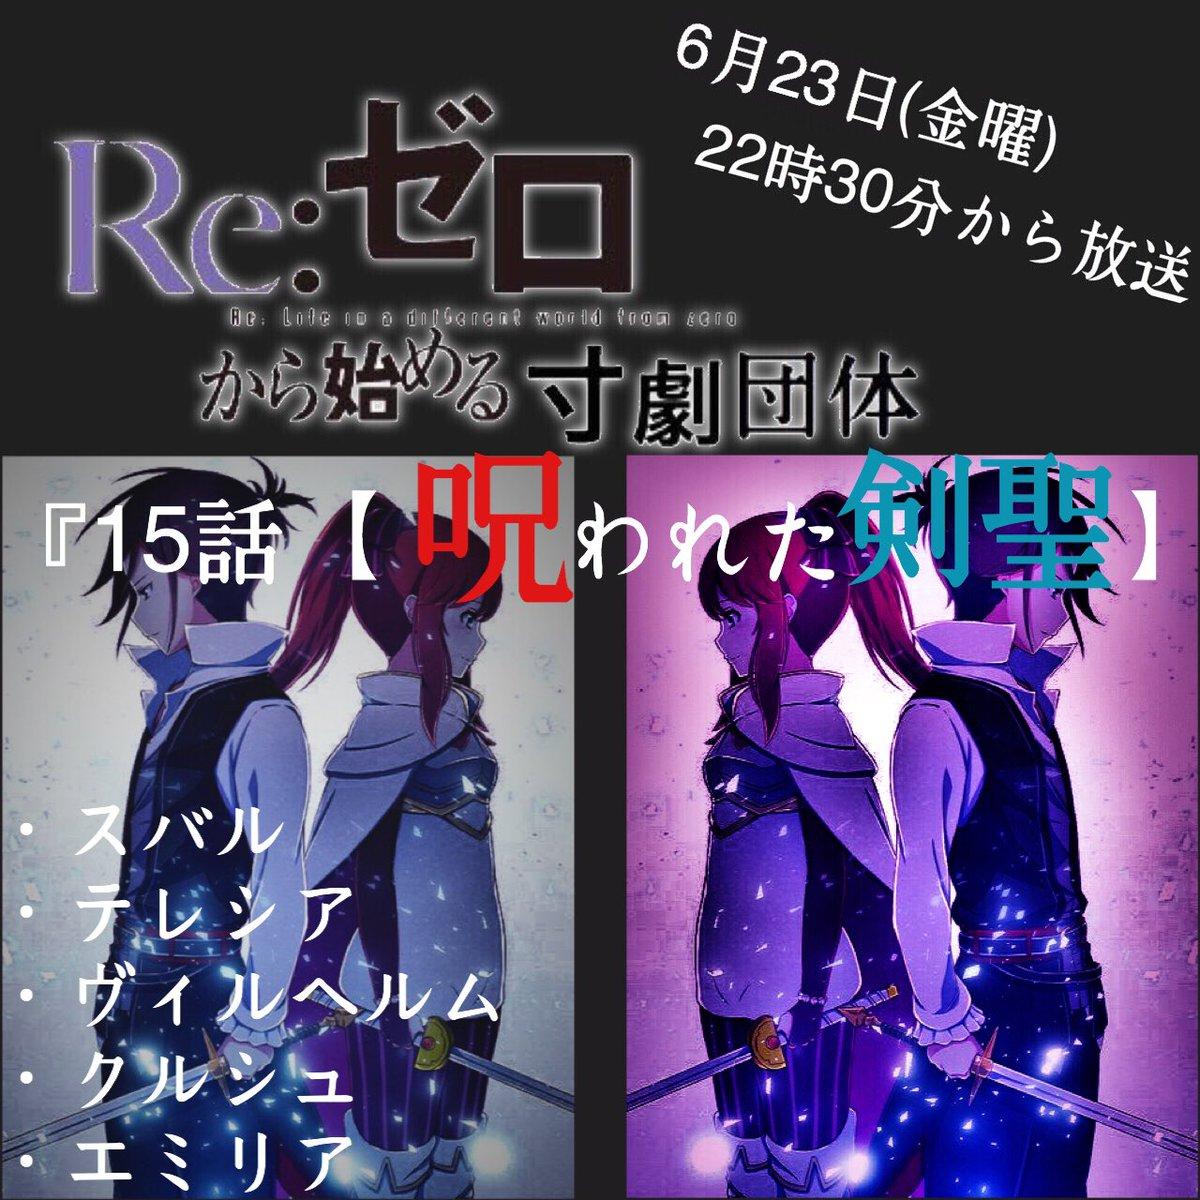 Re:ゼロから始める寸劇団体オリジナルボイスドラマ15話「呪われた剣聖」23日22時30分から放送致します!今明かされる